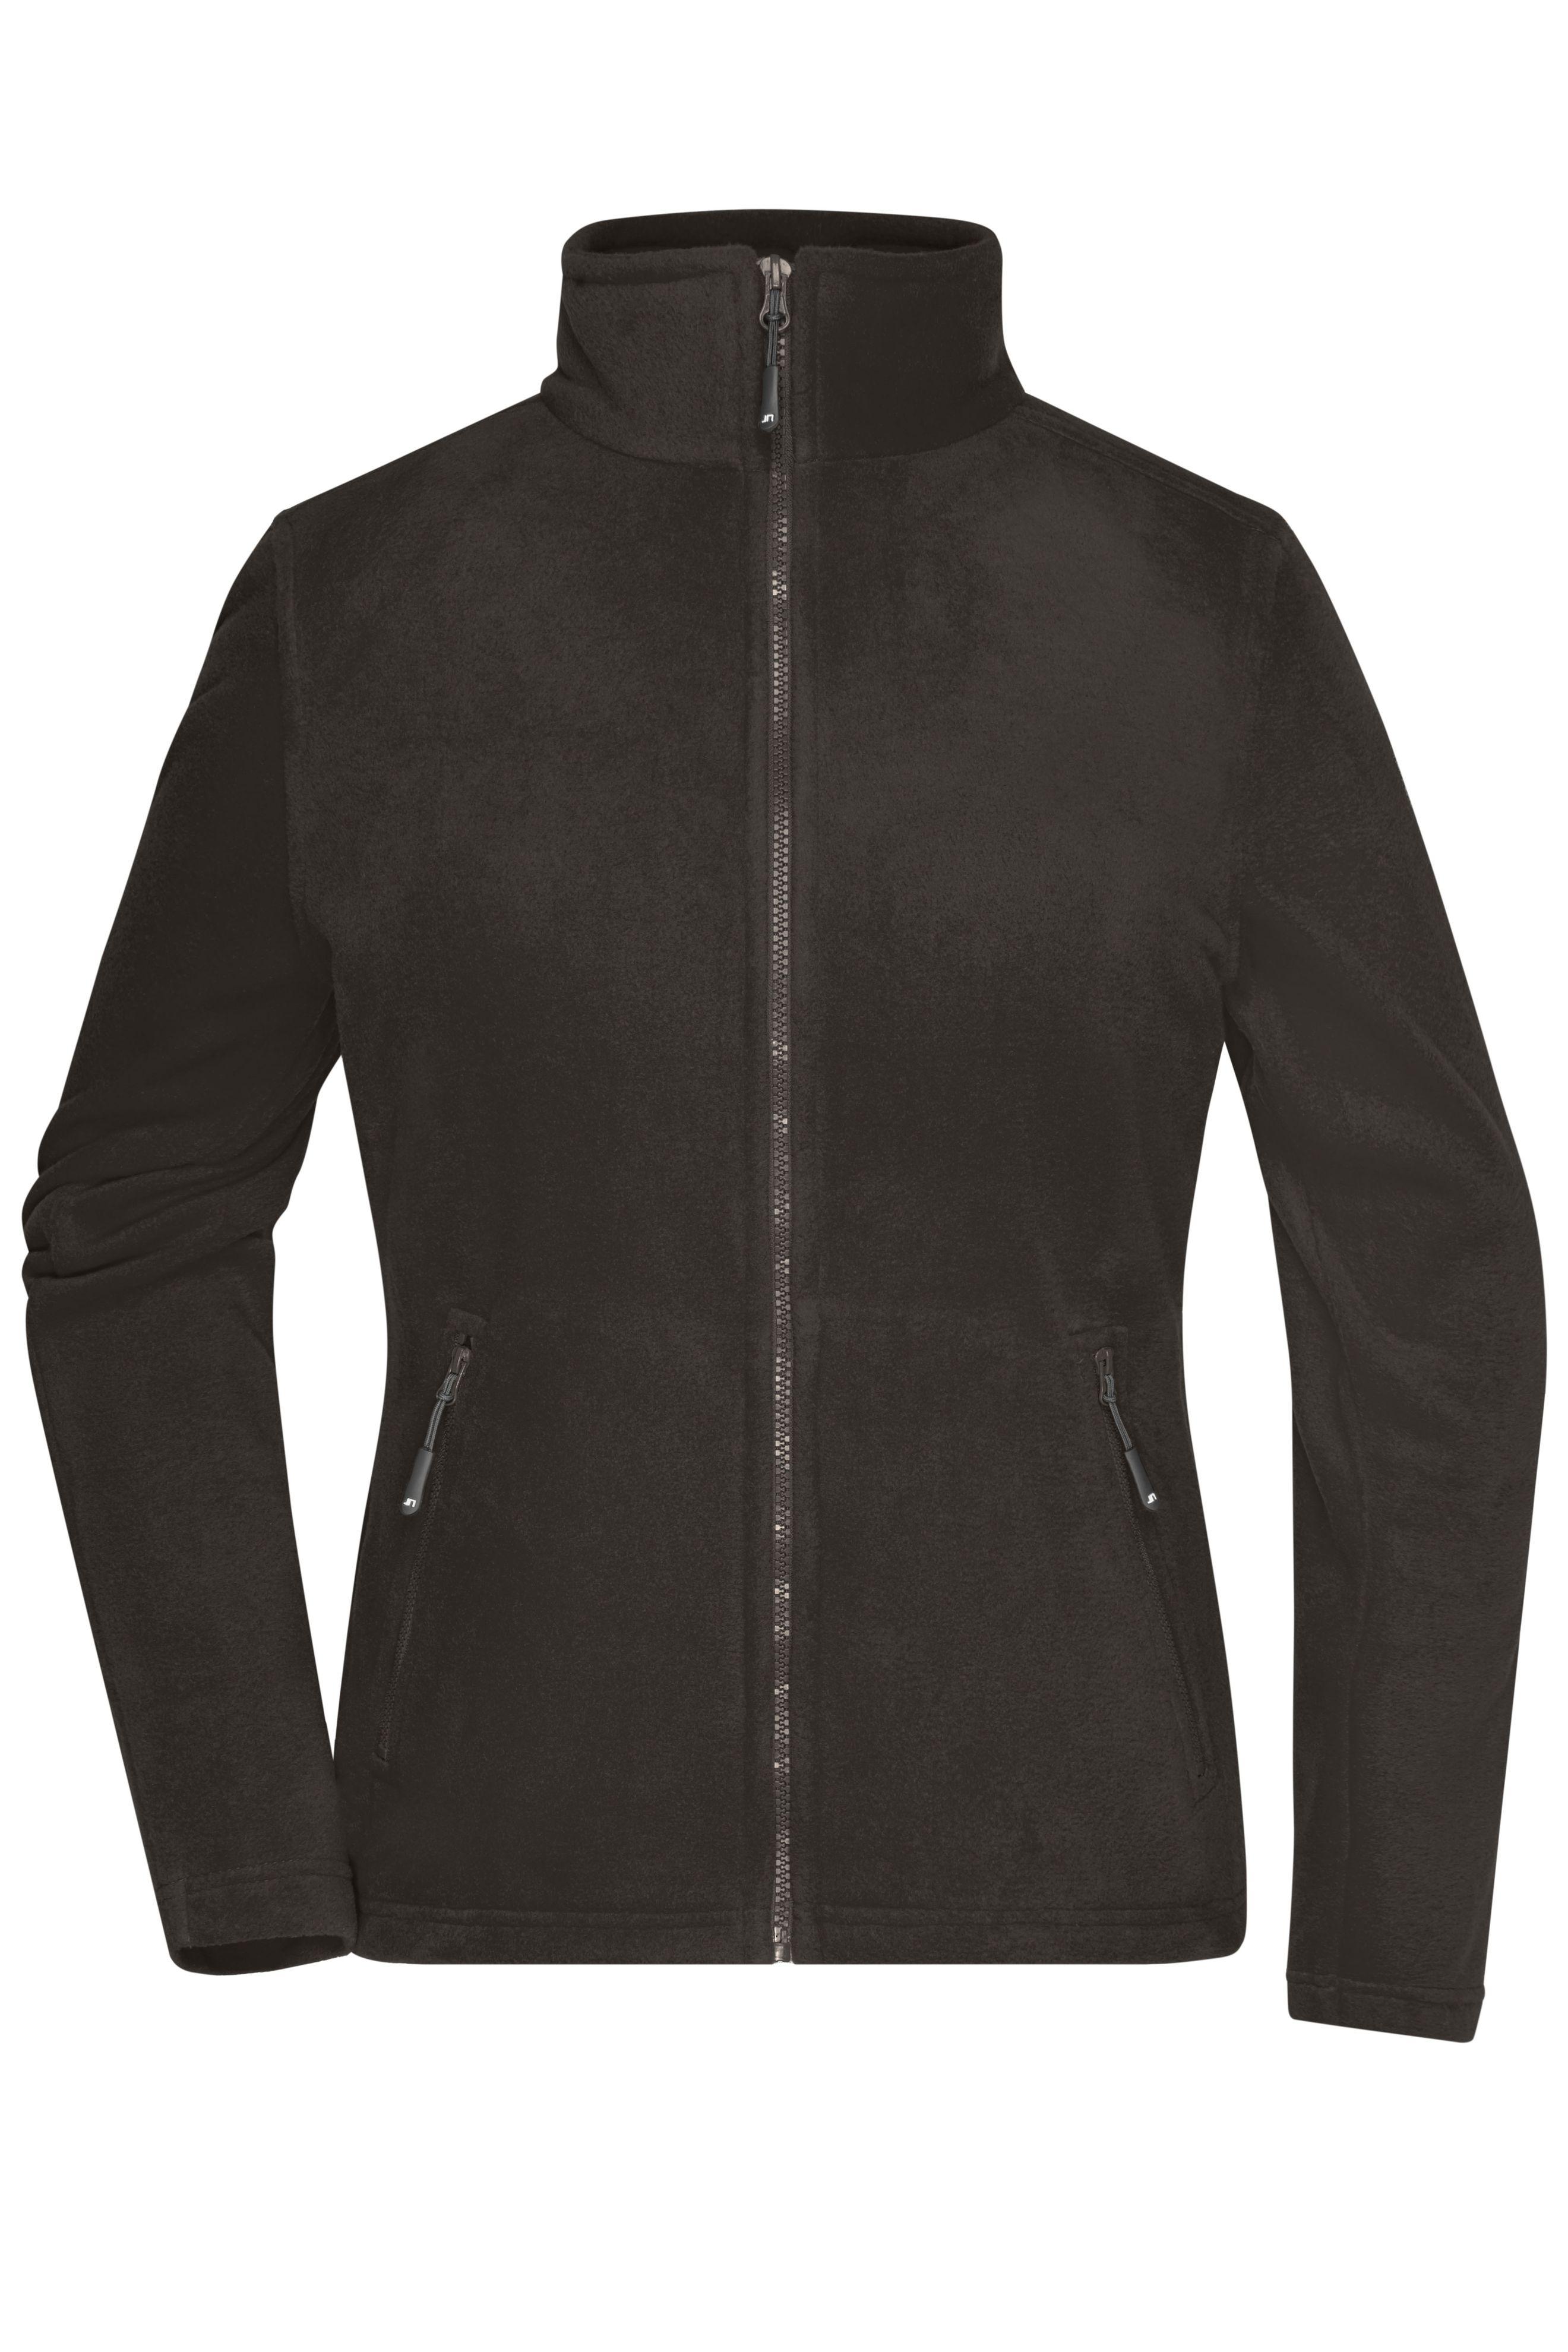 Fleece Jacke mit Stehkragen im klassischen Design